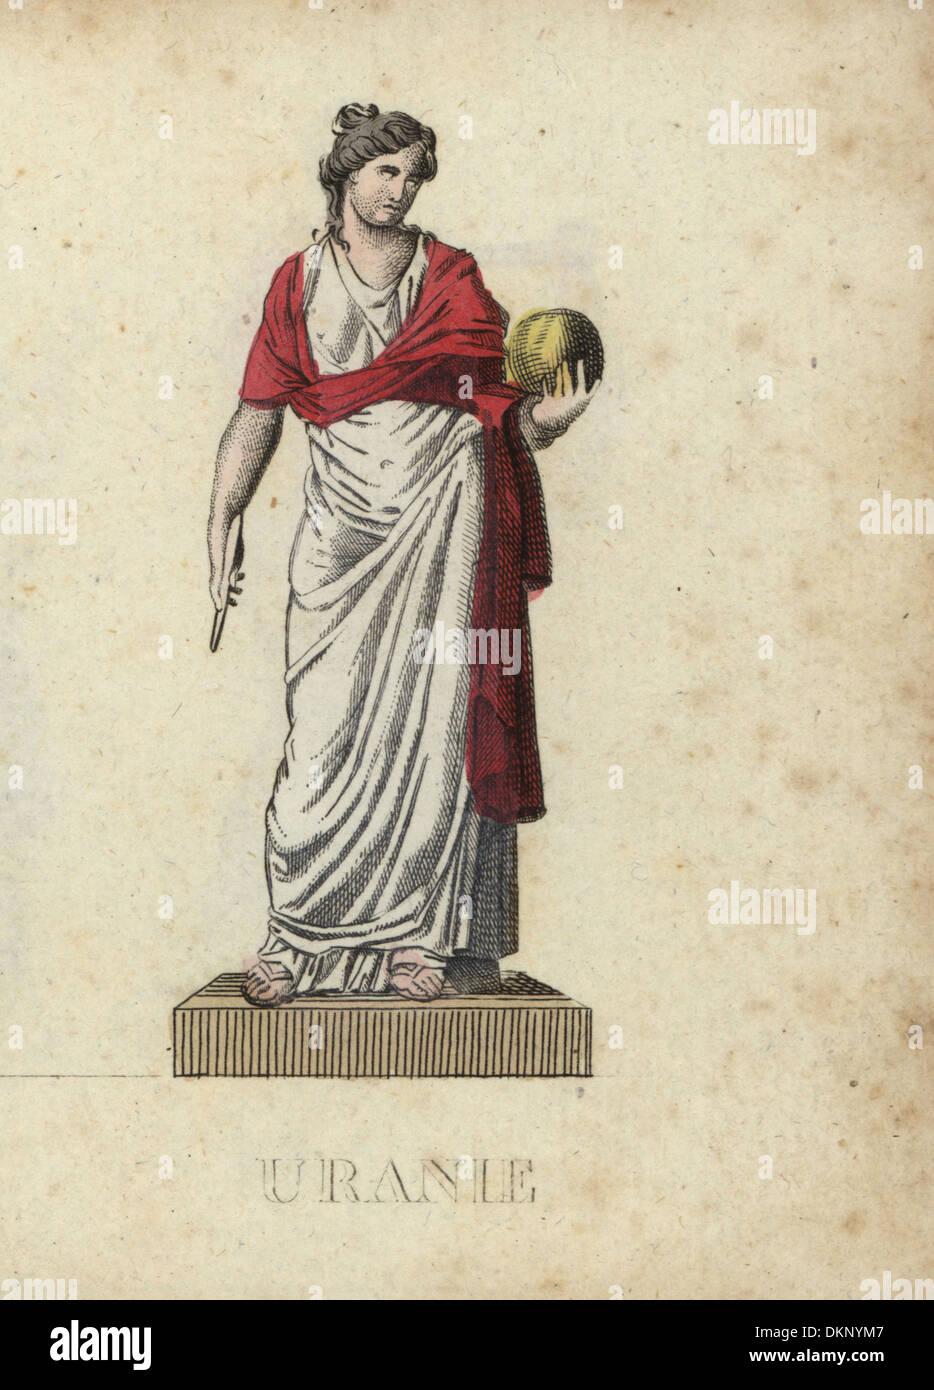 Urania, greca Musa di astronomia, con globo e bussola. Immagini Stock